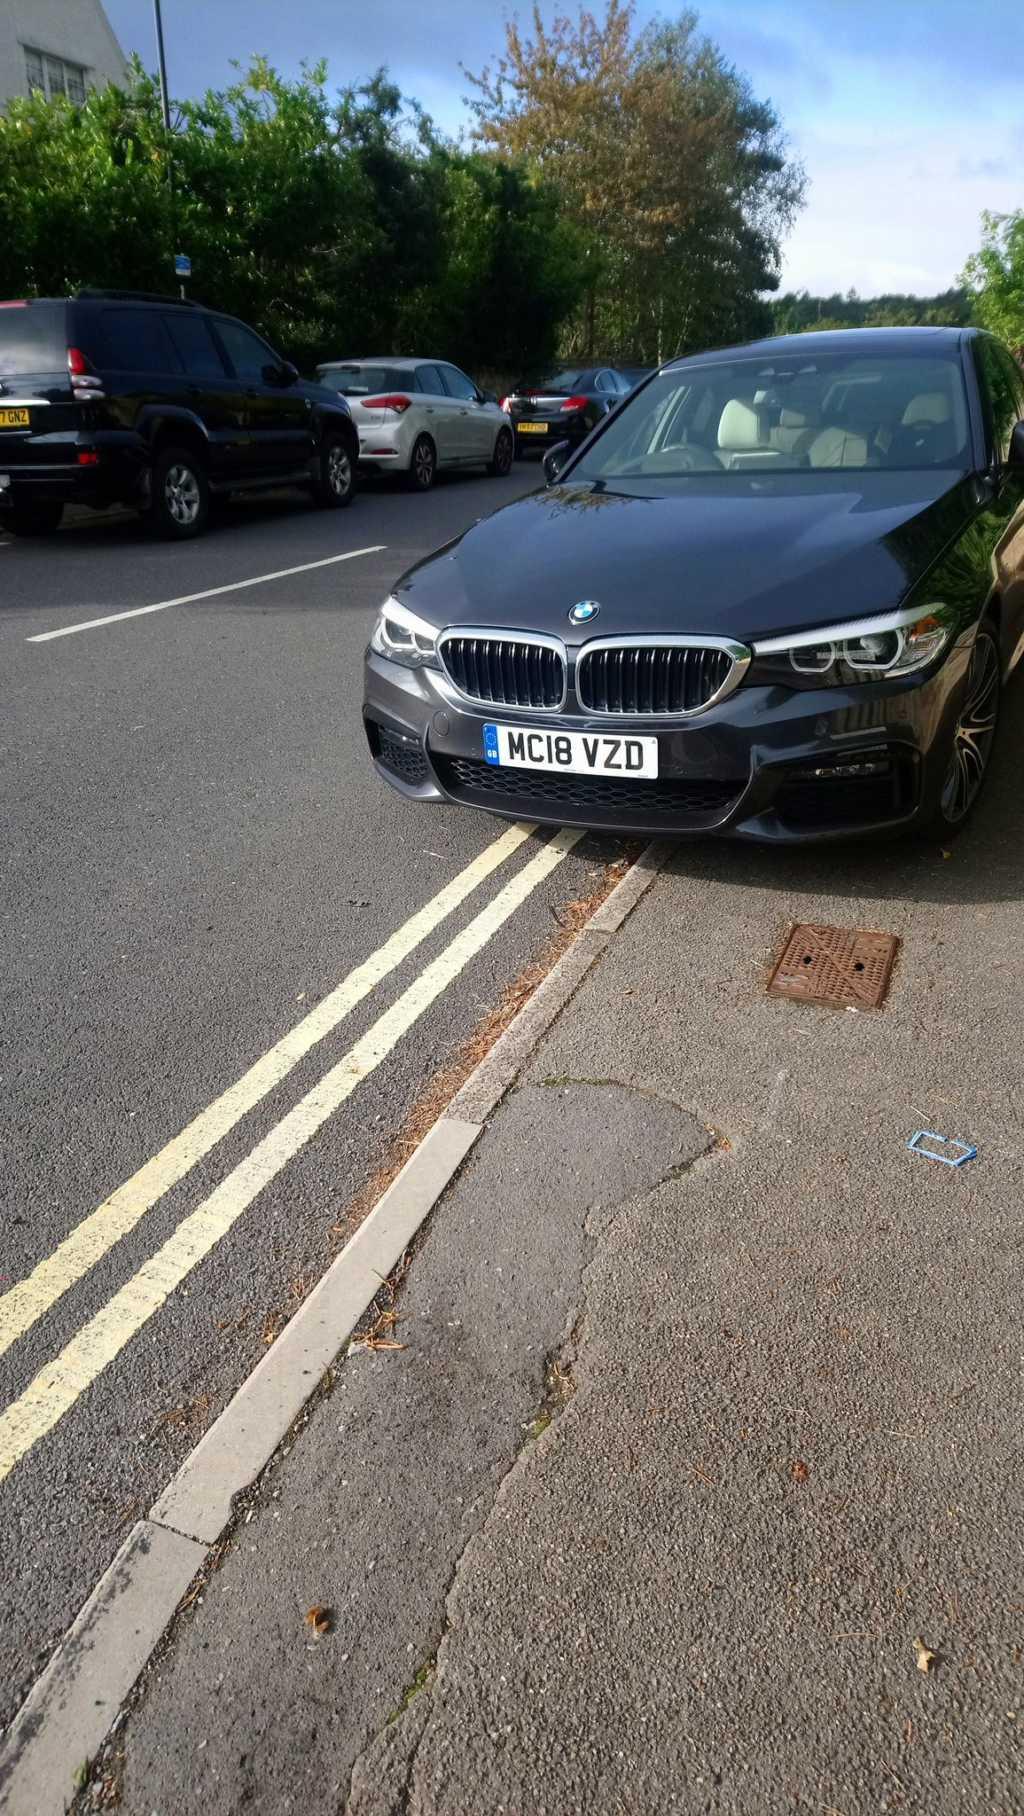 MC18 VZD displaying crap parking